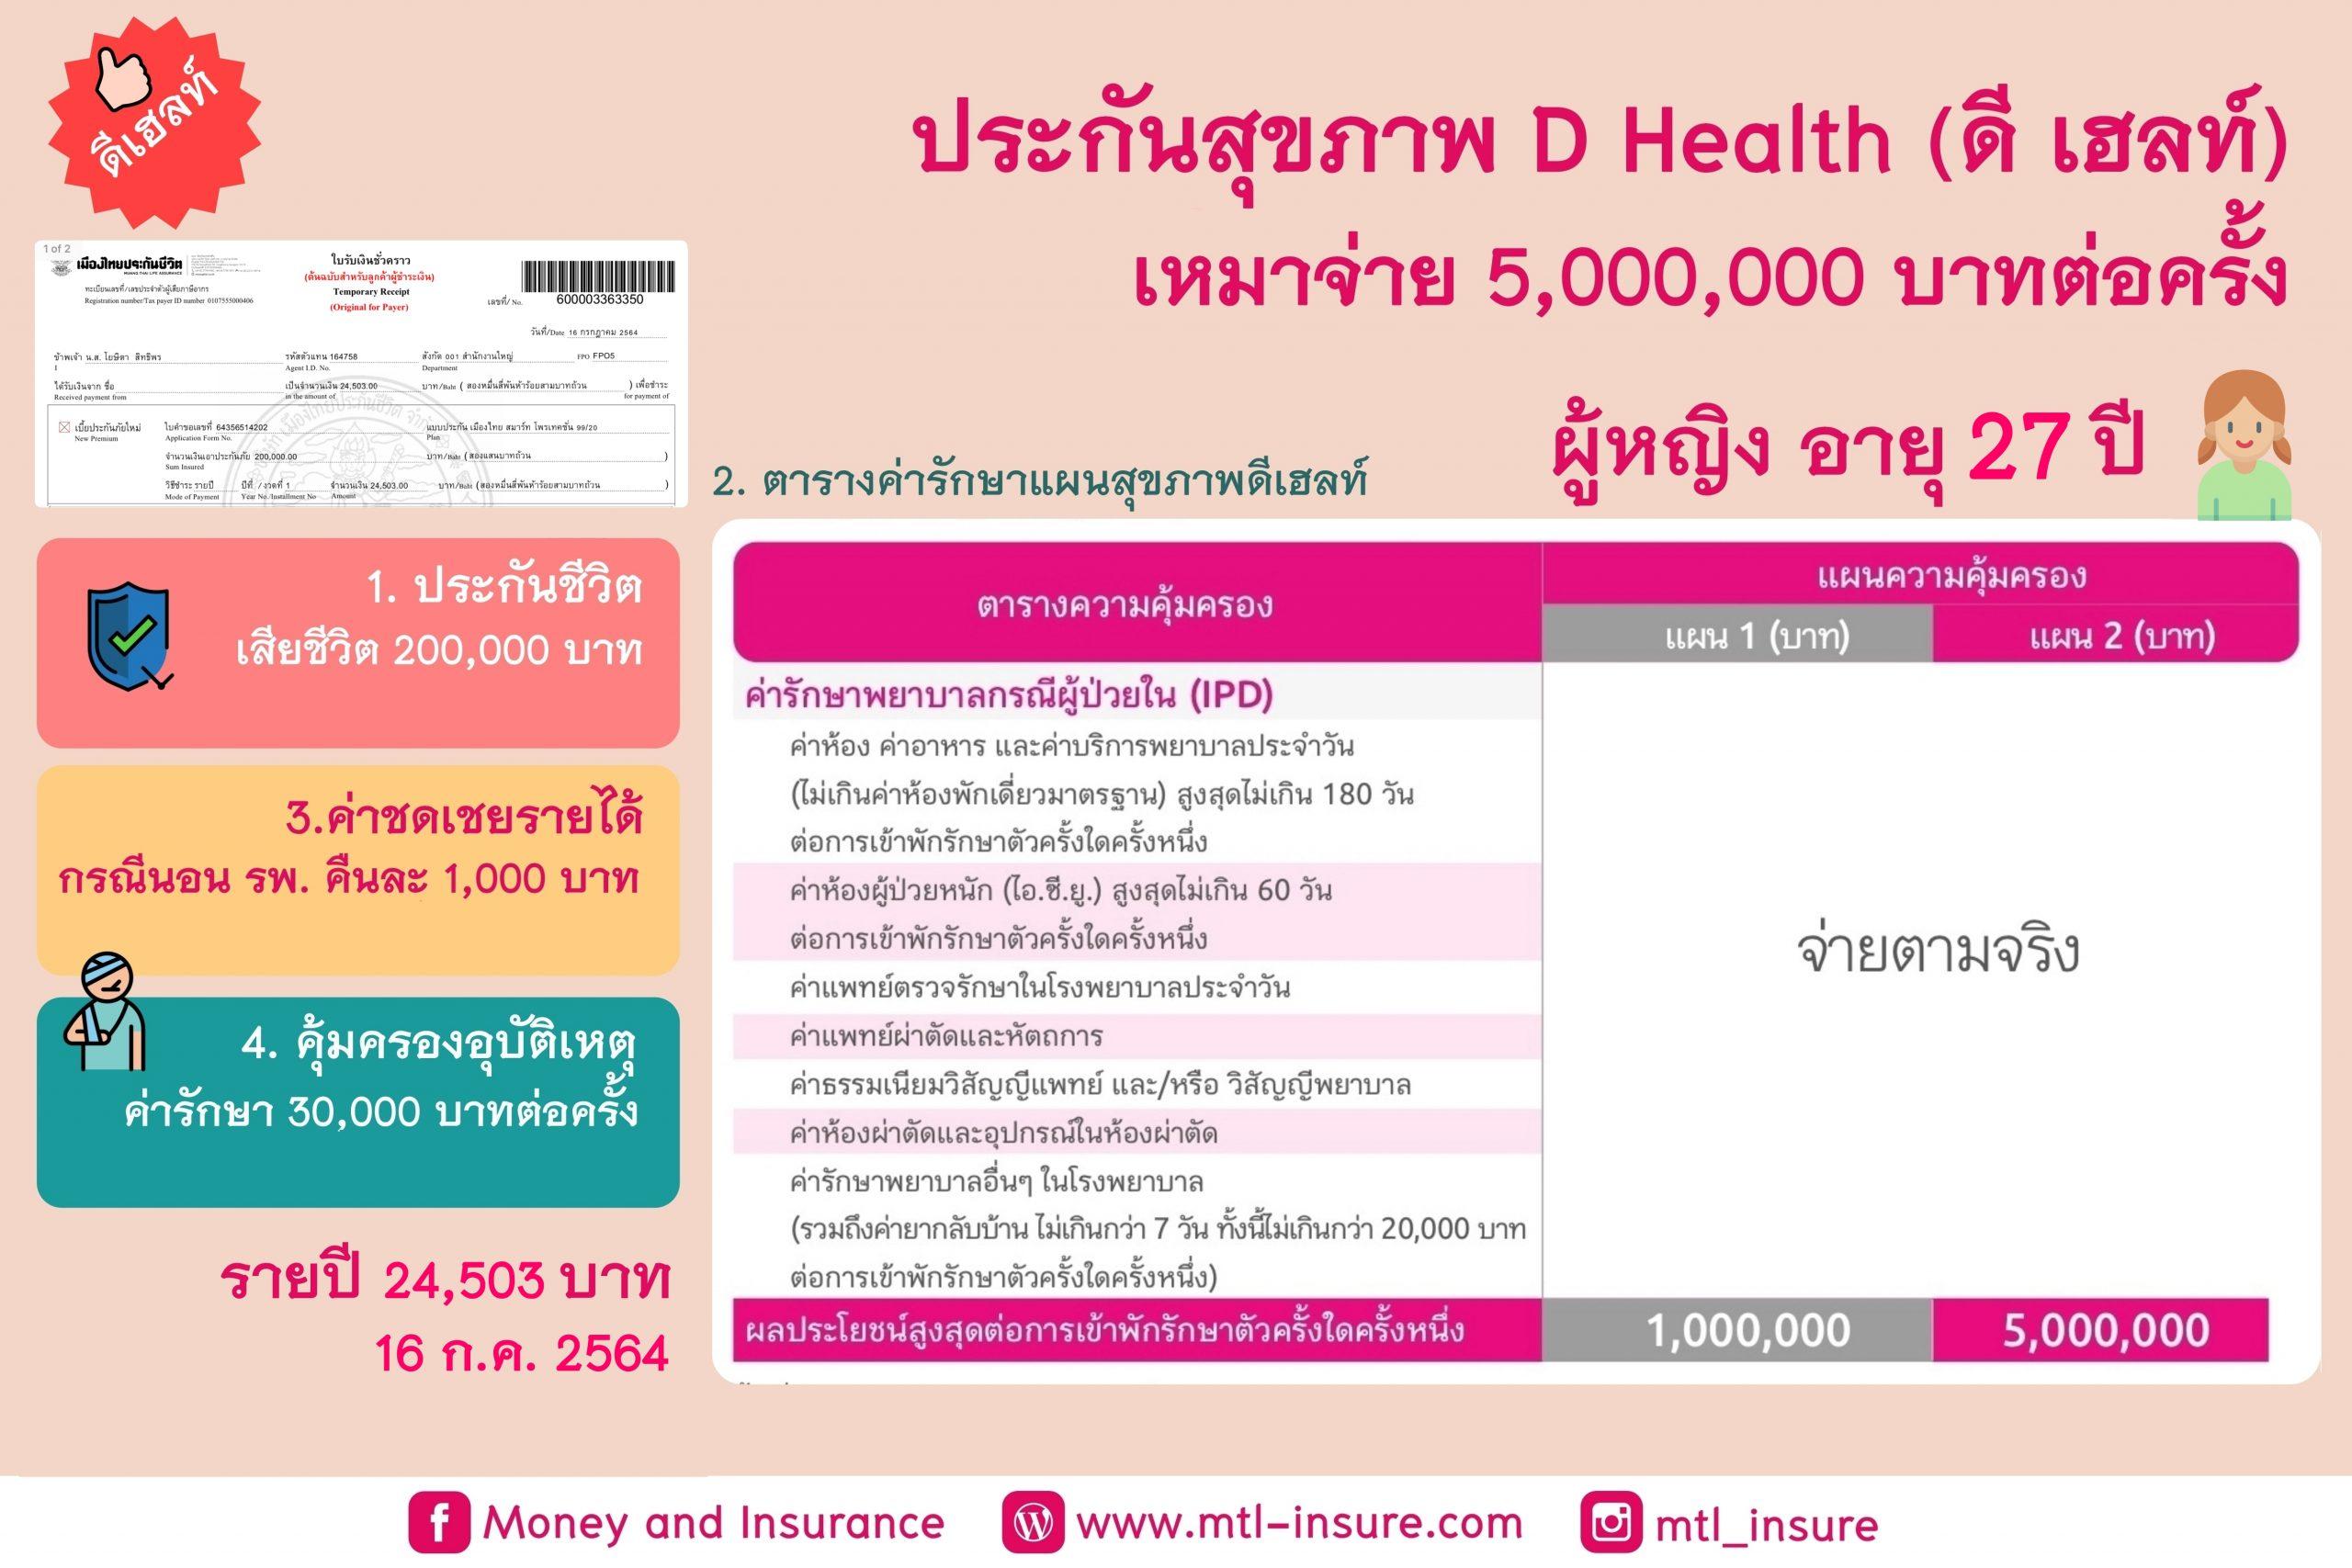 ประกันสุขภาพ D Health